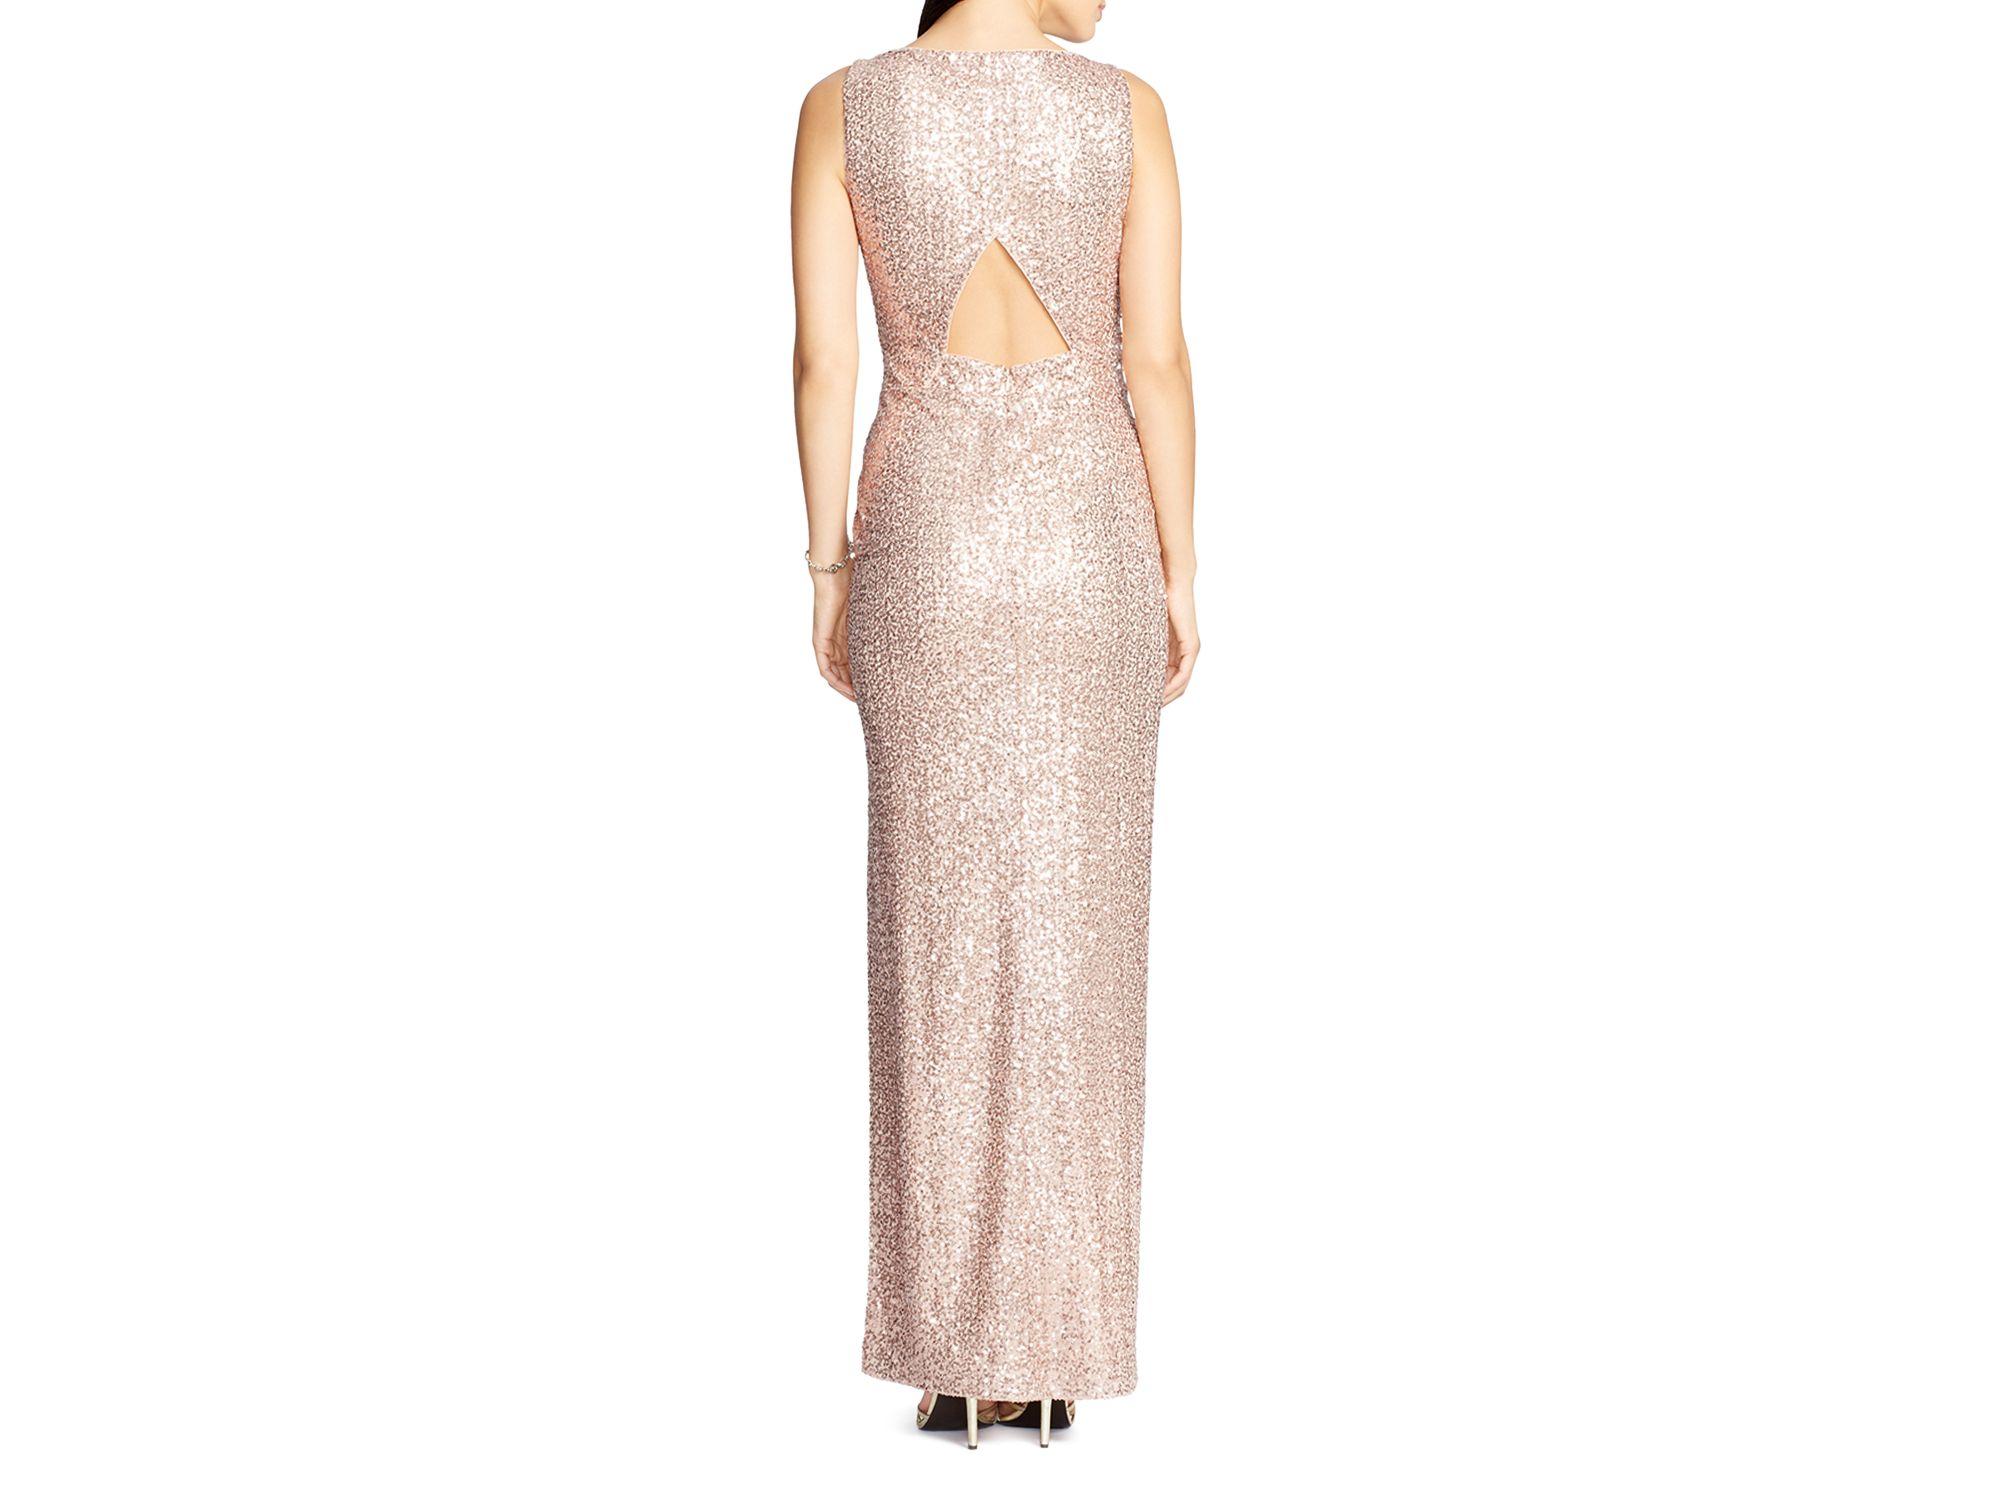 Enchanting Lauren Ralph Lauren Bateau Neck Sequin Lace Gown ...